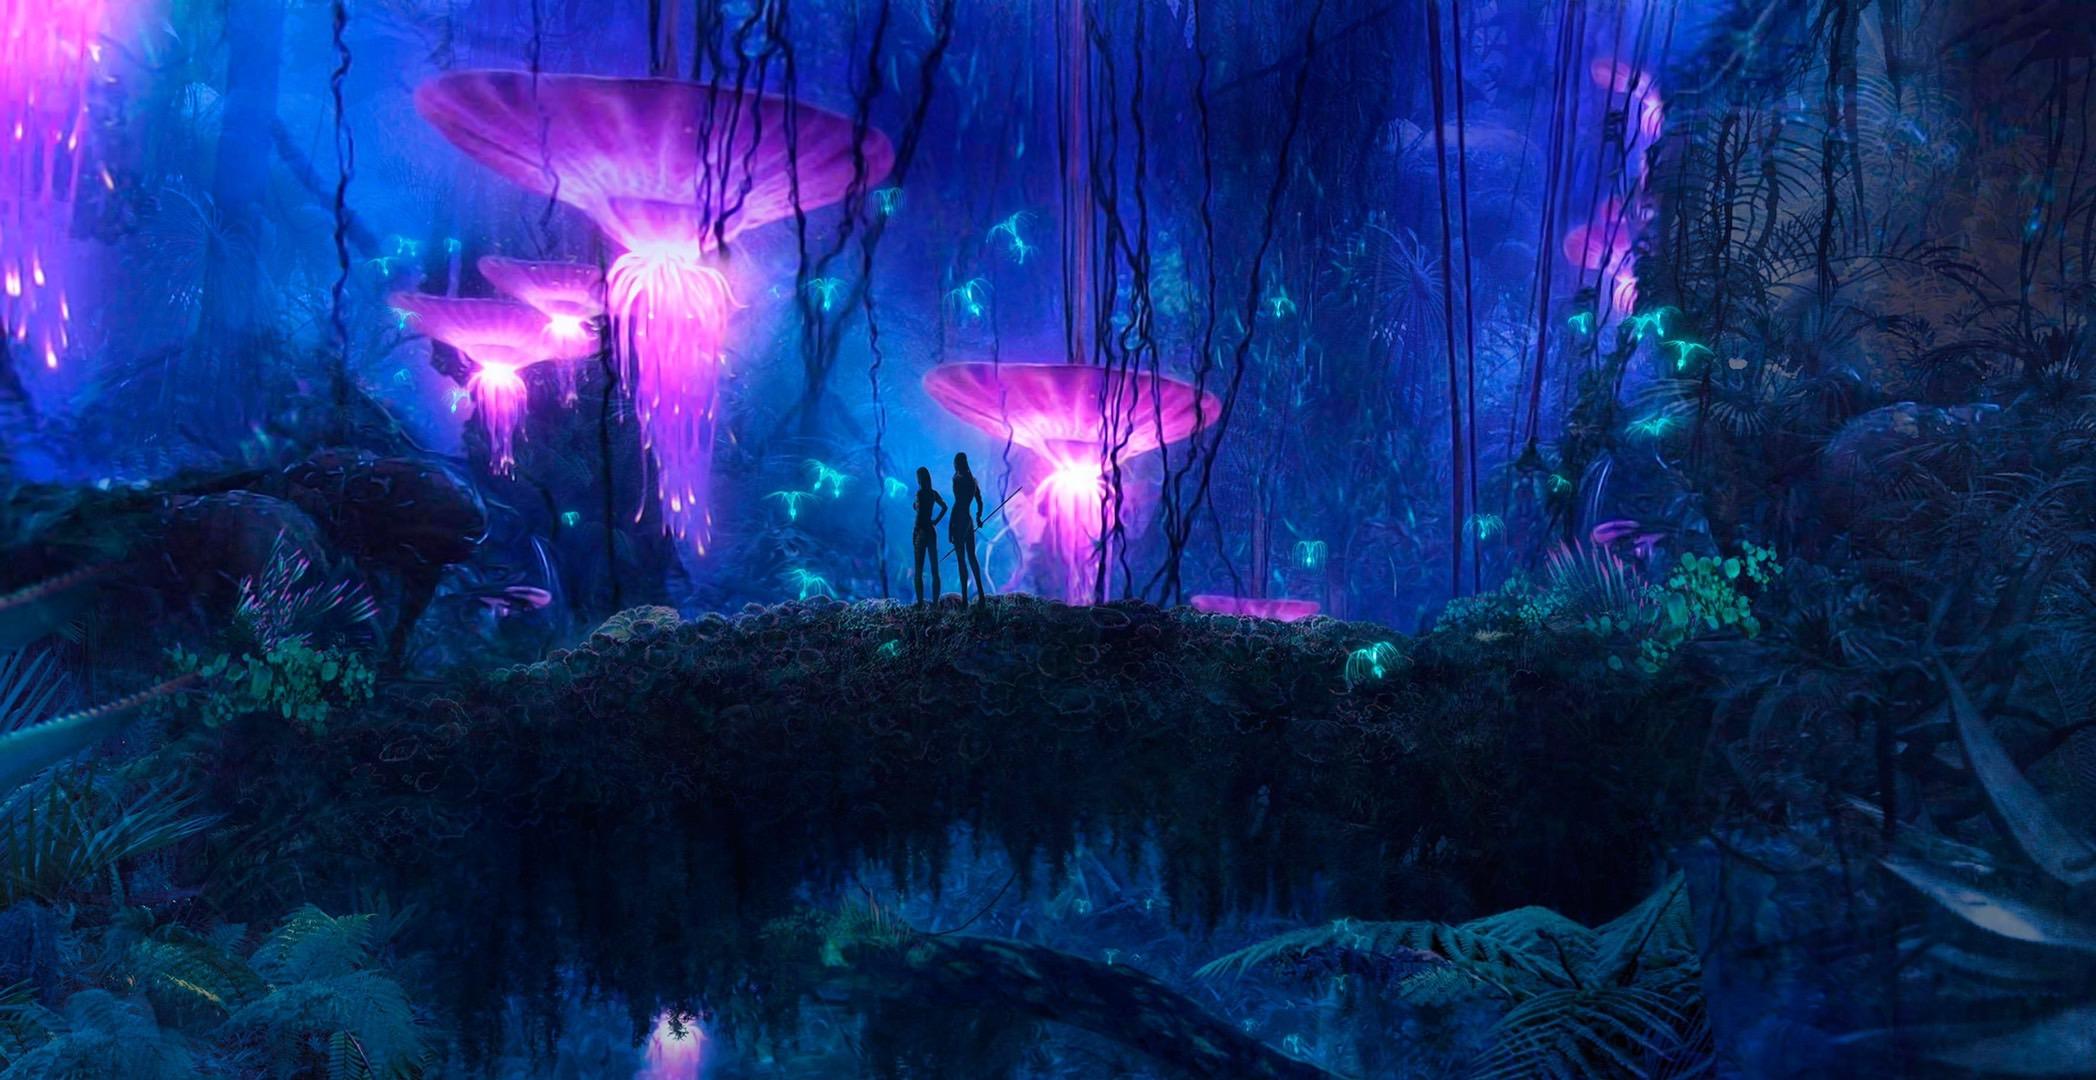 阿凡达:挑战感官与内心极限的 IMAX 神话